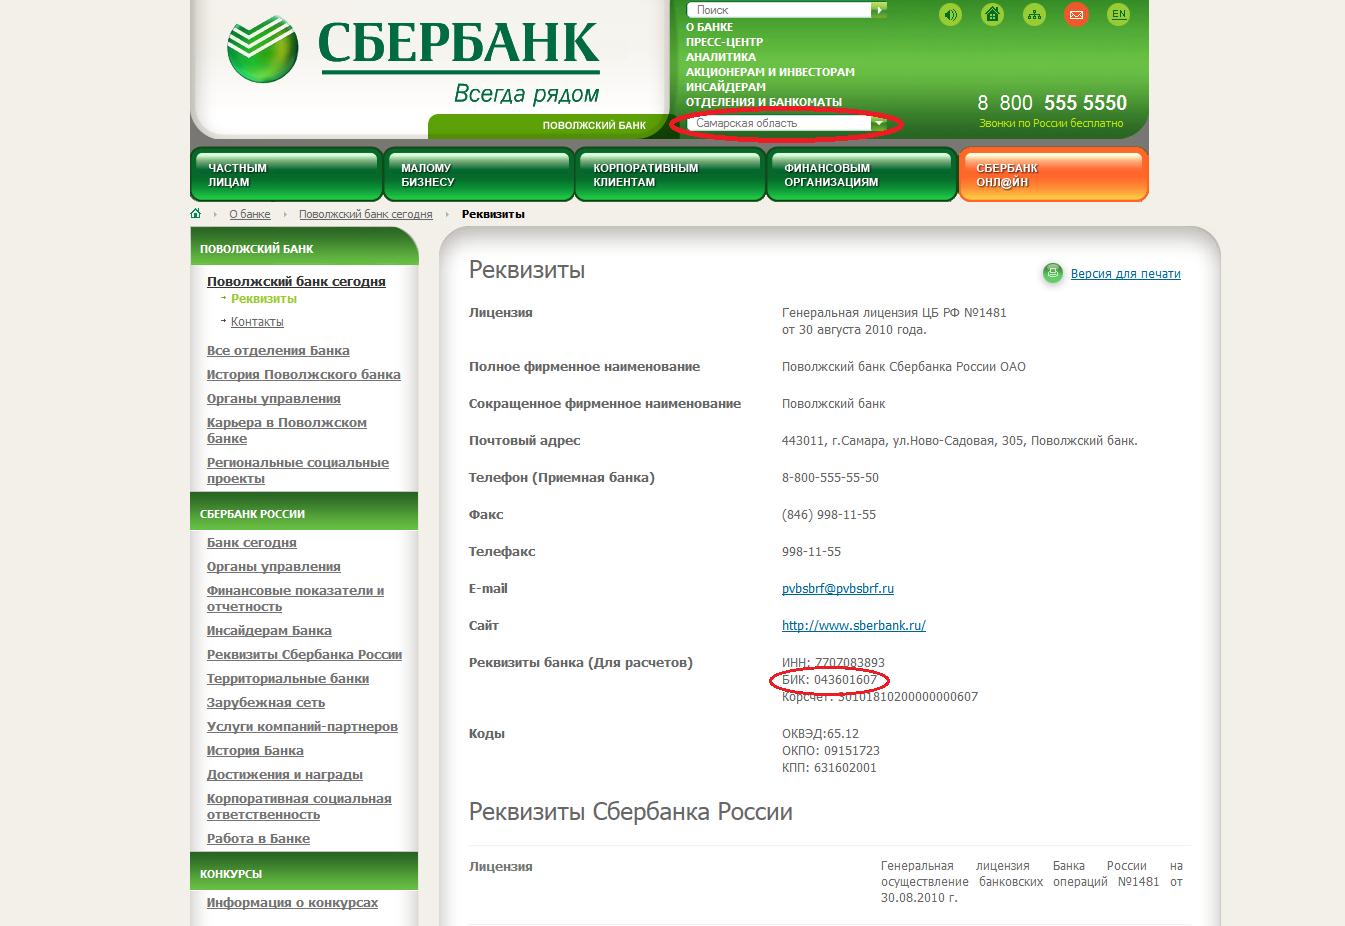 как узнать начальника телефон старашайговского сбербанка Россия, Ставропольский край